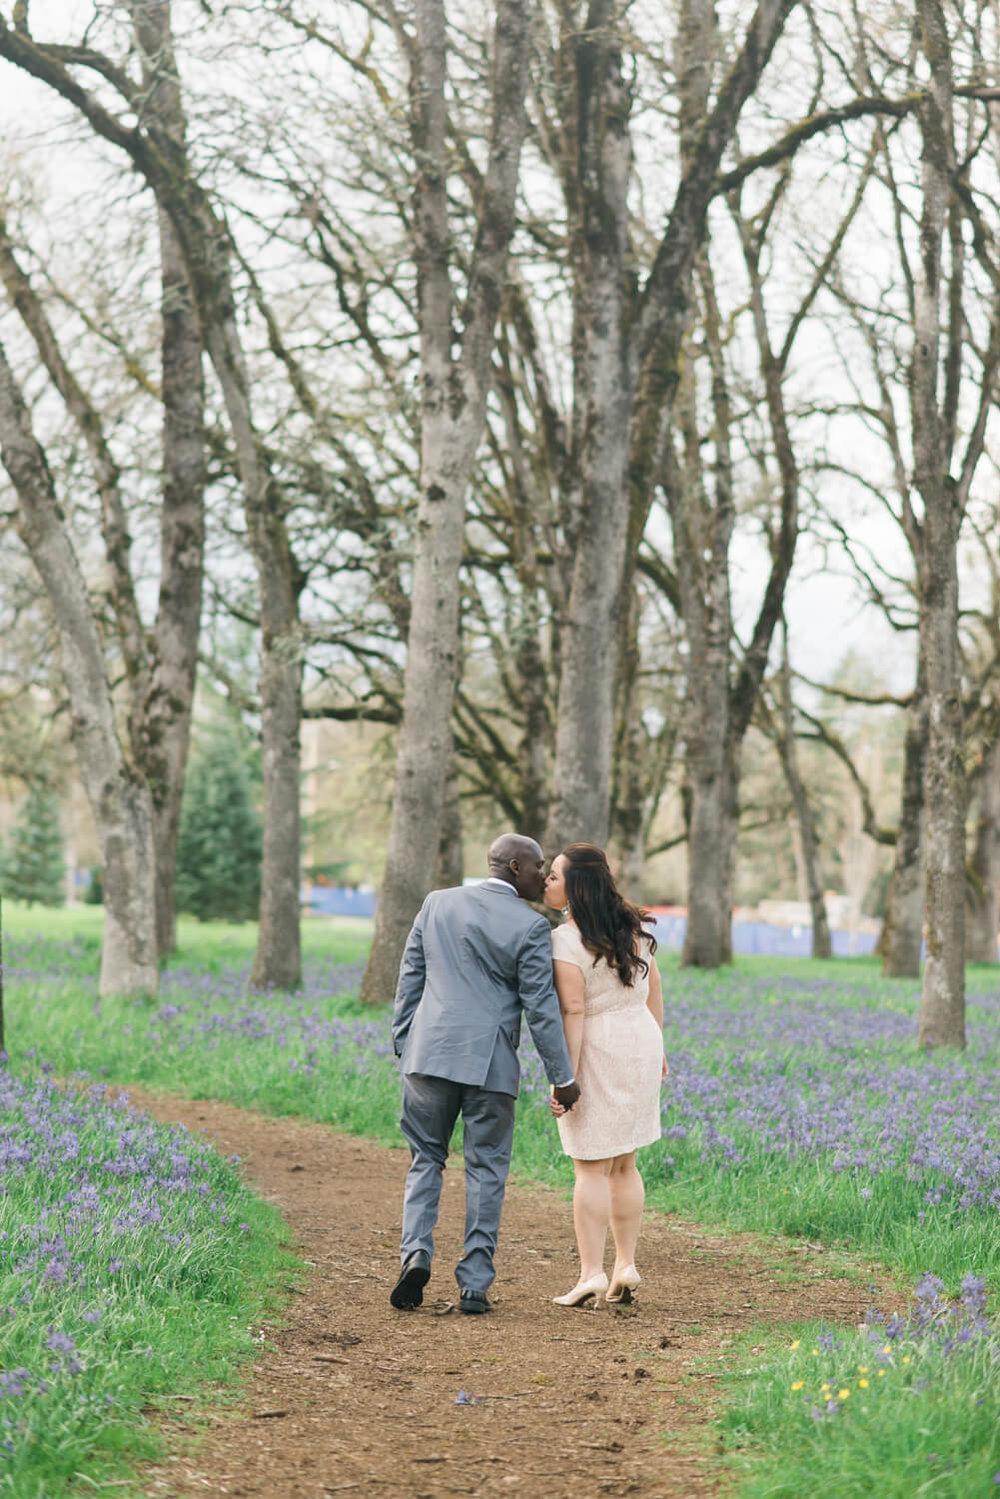 salem-engagement-photography-bushs-pasture-park-shelley-marie-photo-0203.jpg